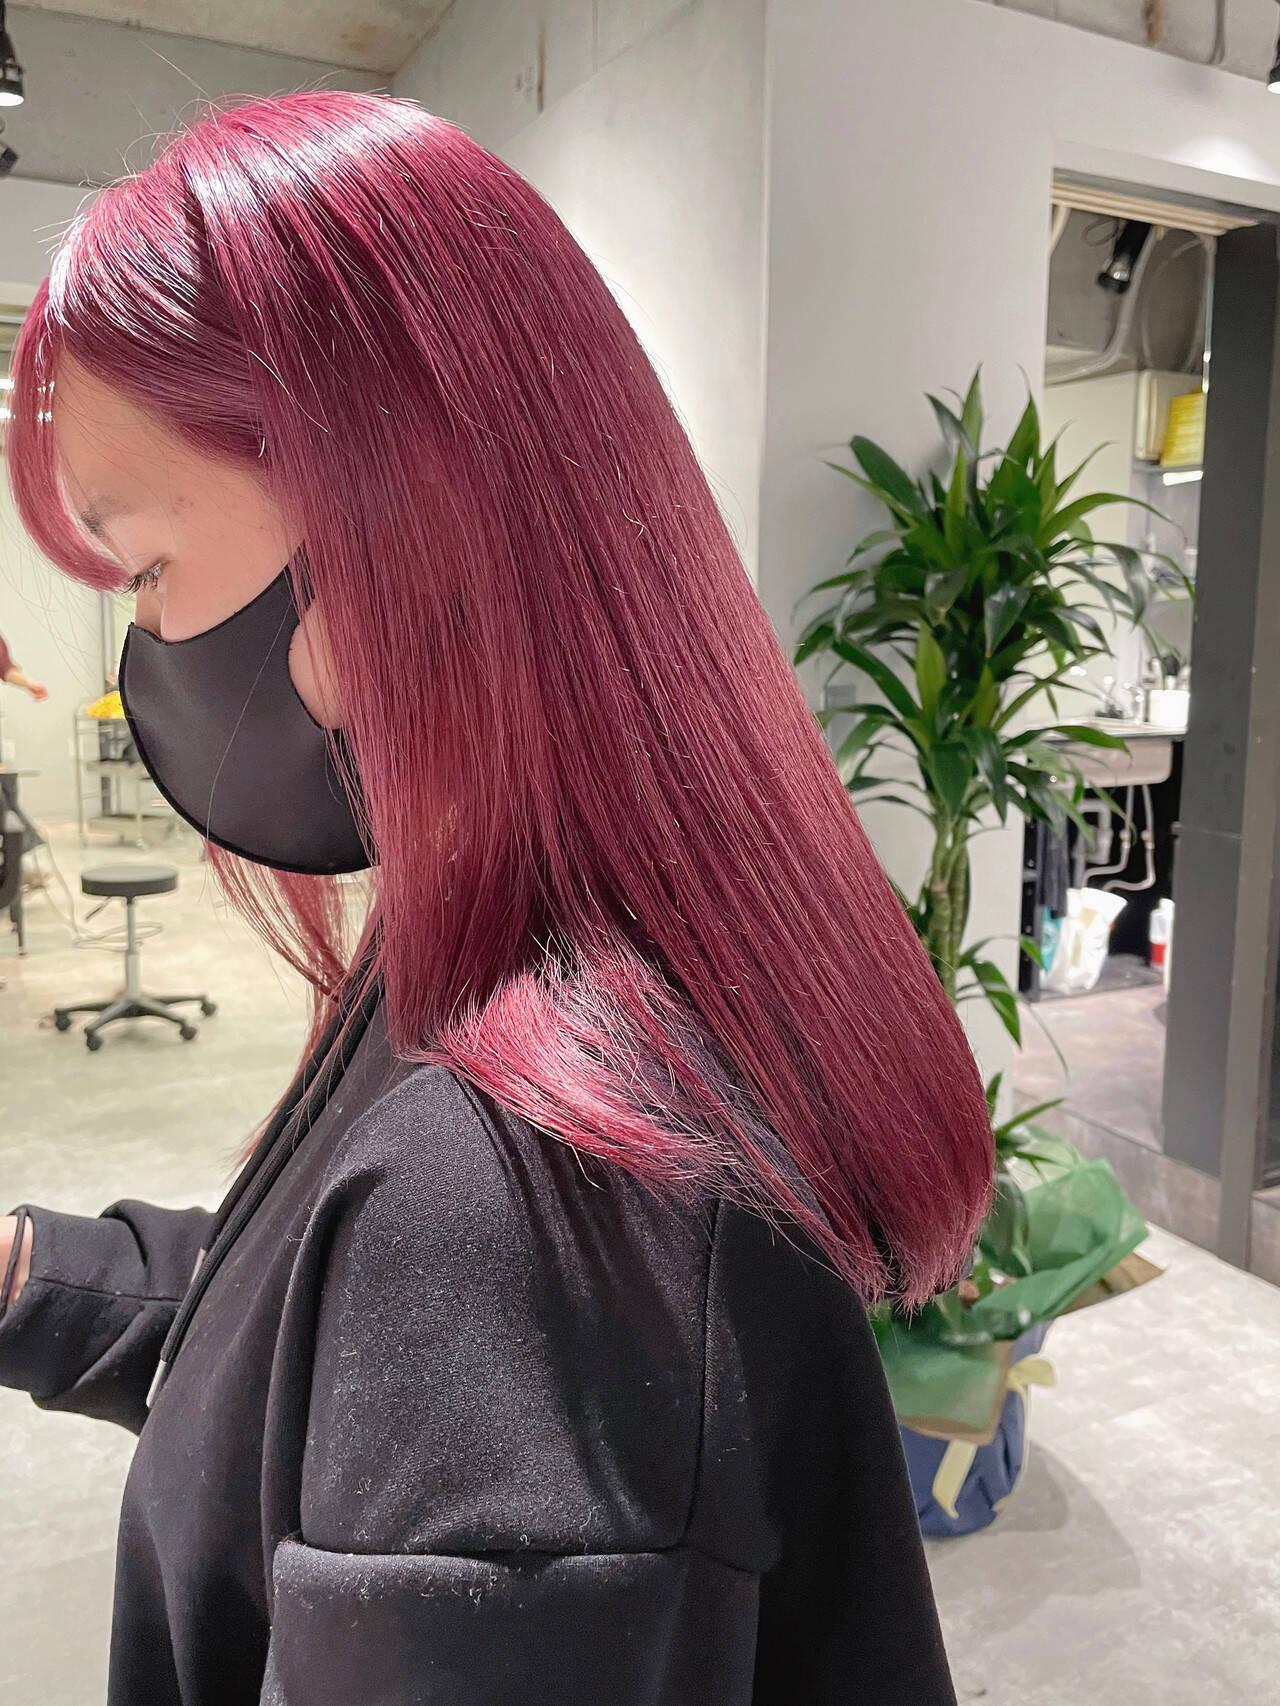 チェリーピンク ダブルカラー ハイトーン ガーリーヘアスタイルや髪型の写真・画像